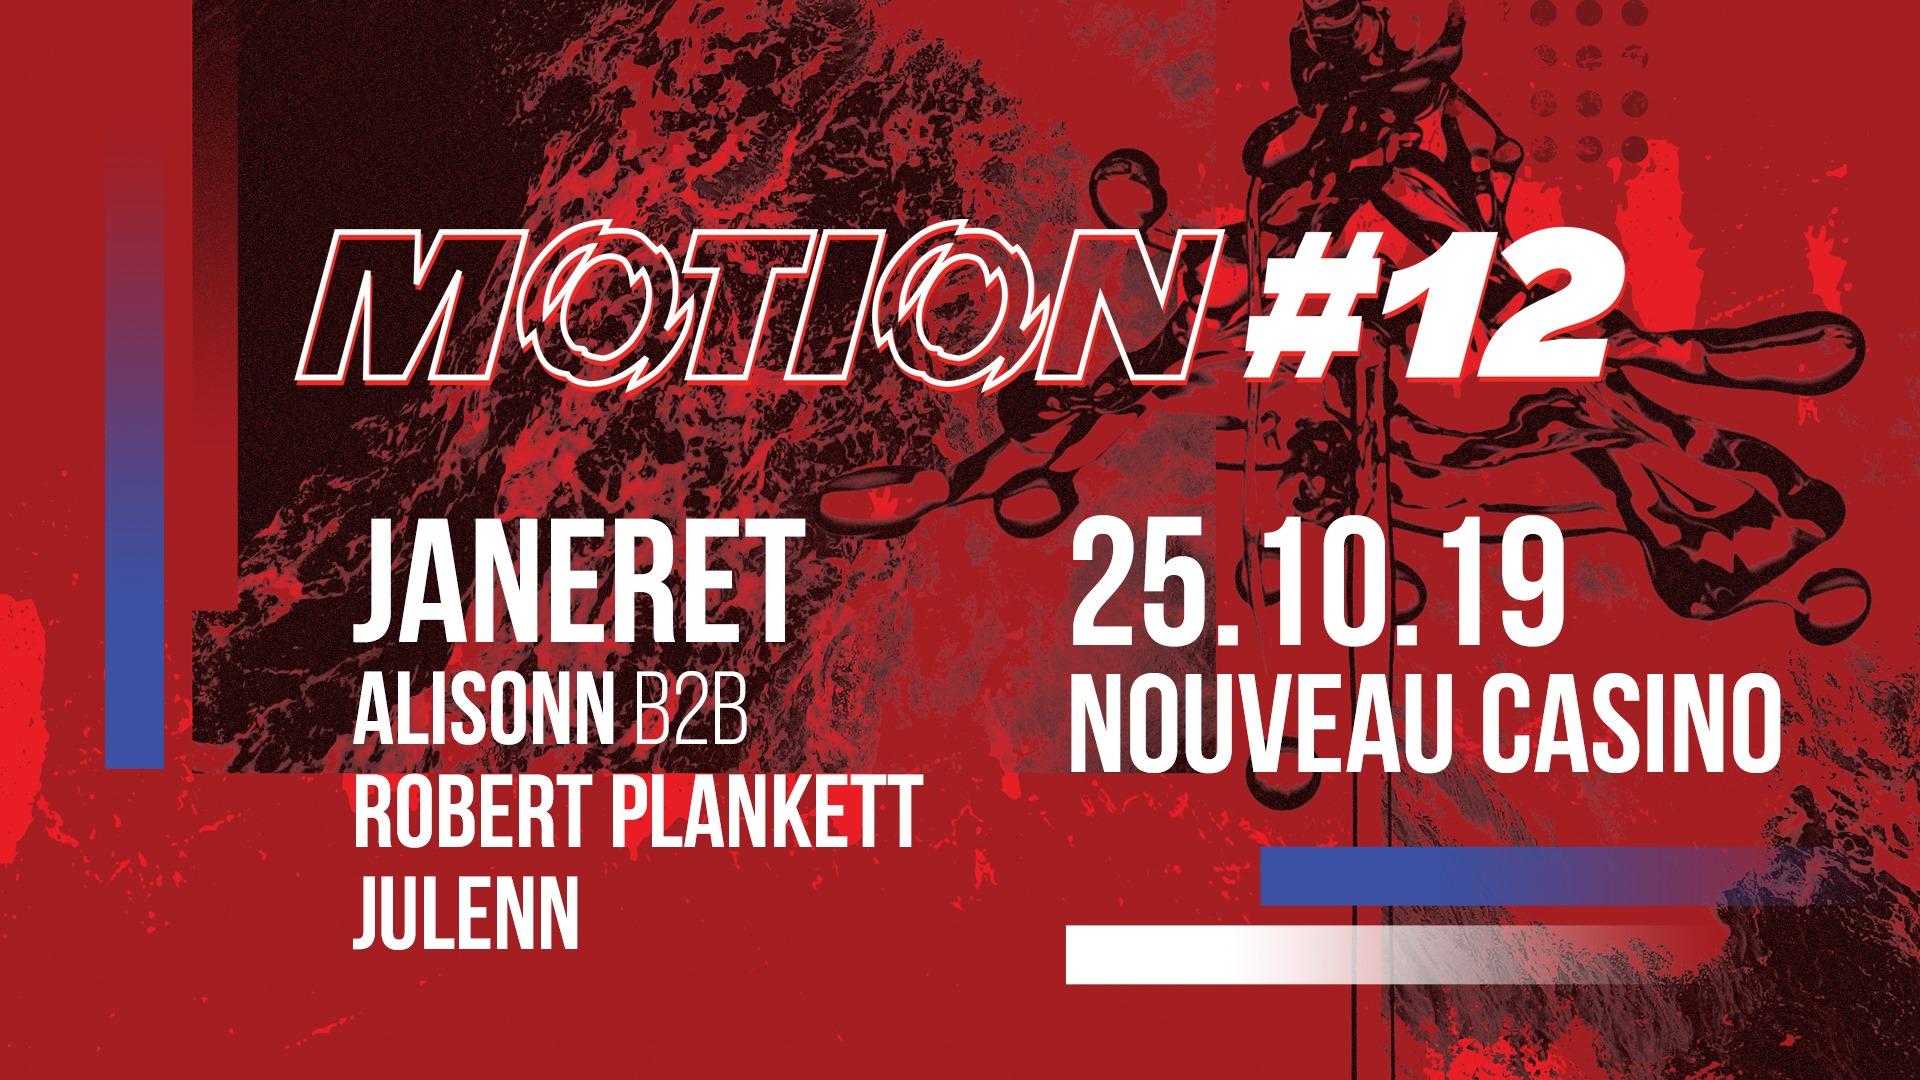 Motion #12 w/ Janeret, Alisonn b2b Robert Plankett, Julenn